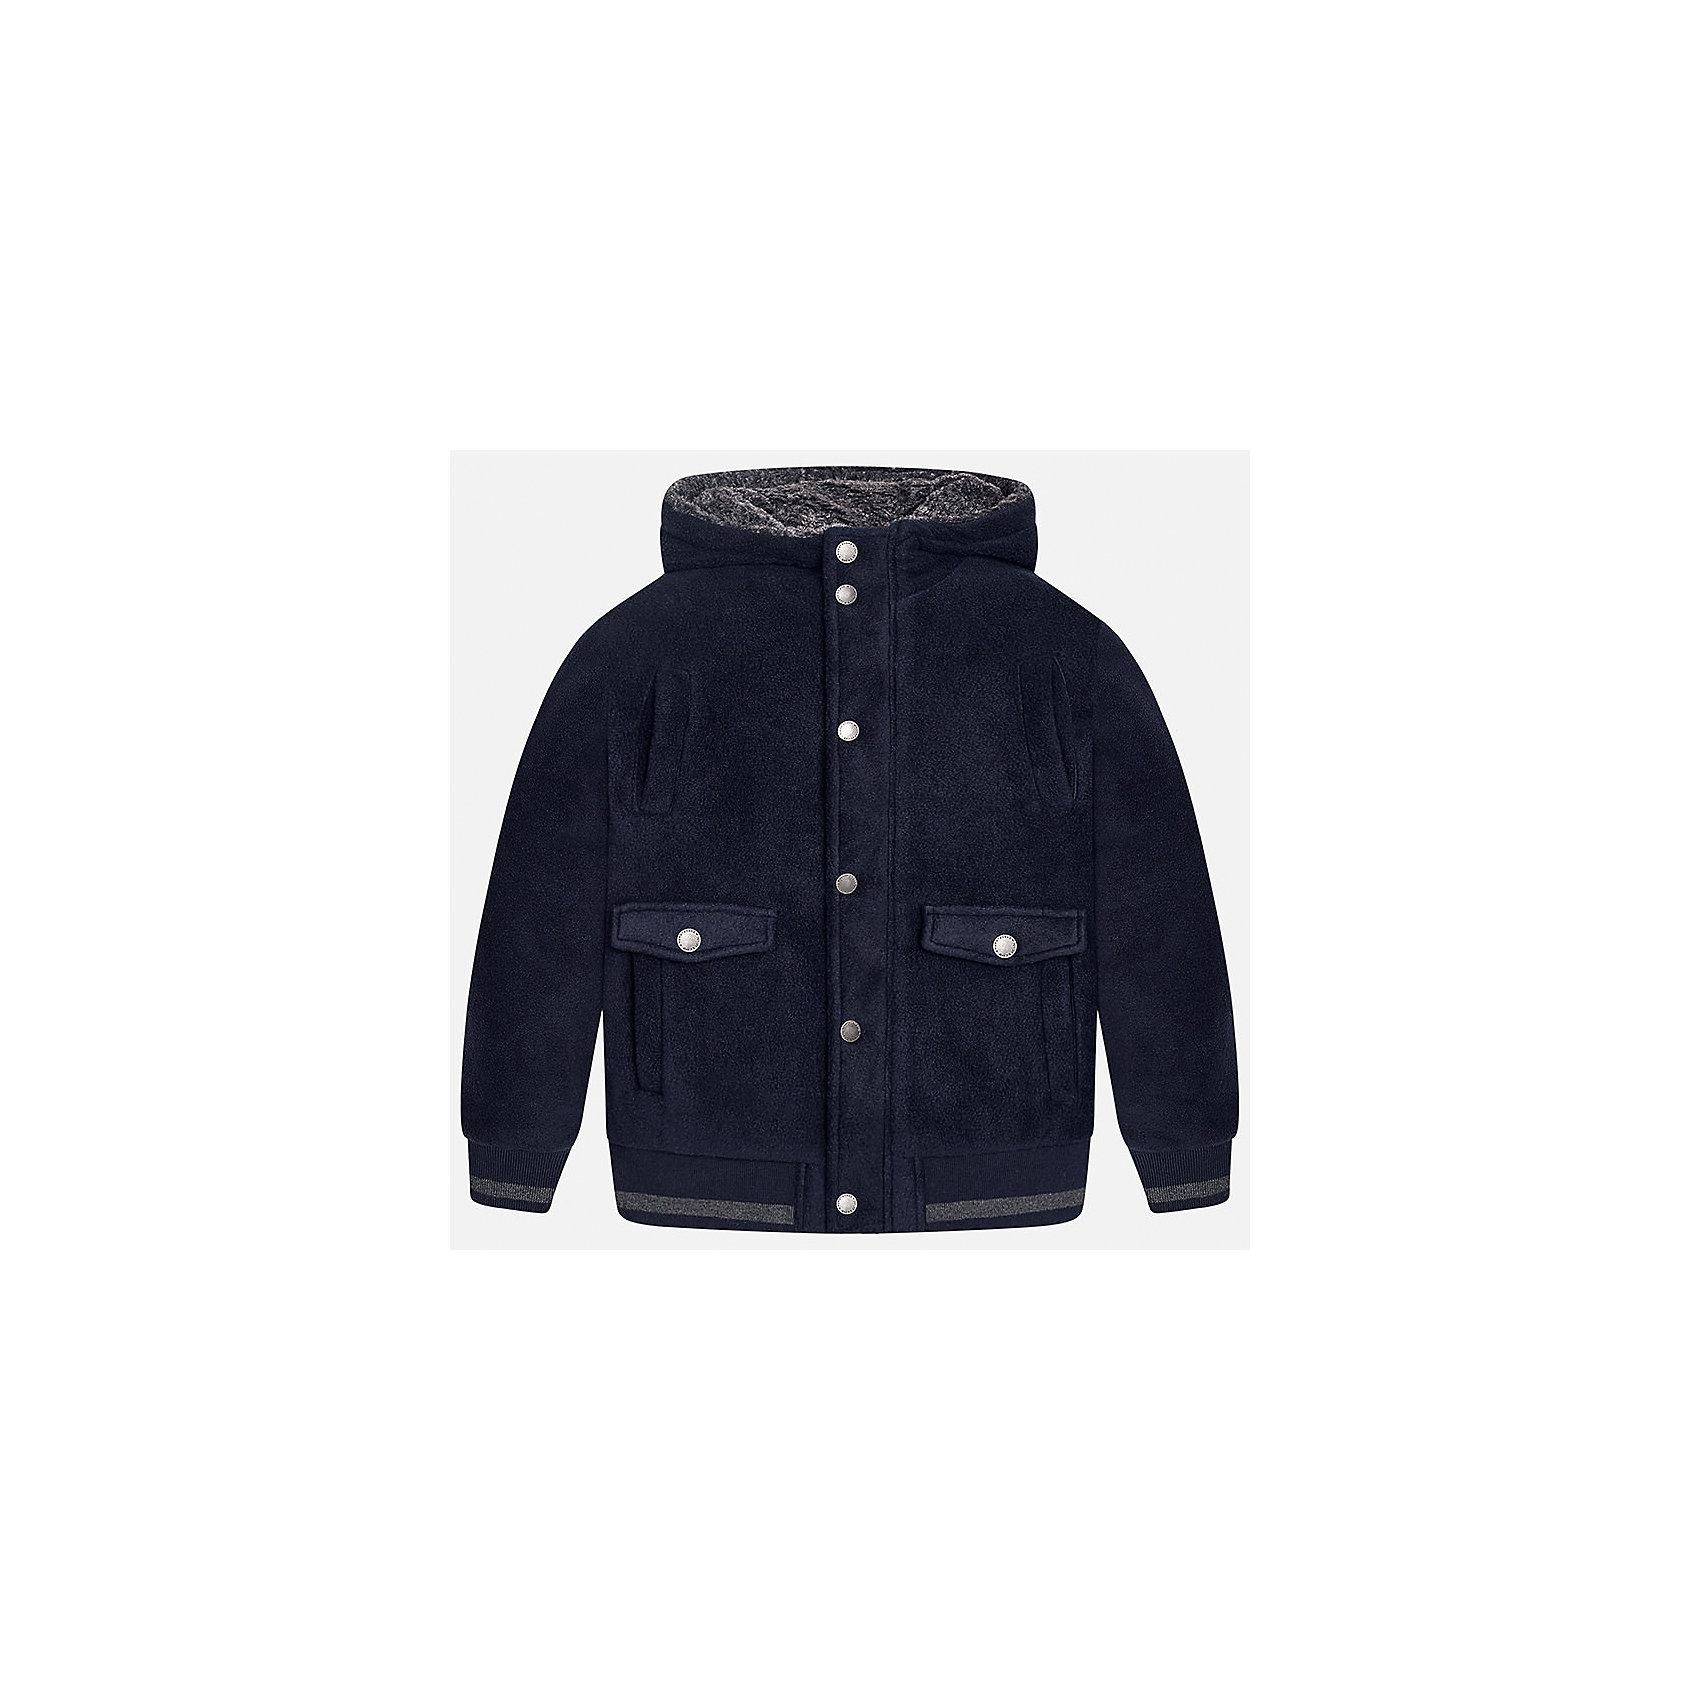 Куртка для мальчика MayoralДемисезонные куртки<br>Характеристики товара:<br><br>• цвет: синий;<br>• сезон: демисезон;<br>• состав ткани: 100% полиэстер;<br>• состав подкладки: 100% полиэстер;<br>• иммитация замши;<br>• капюшон: без меха, не отстегивается;<br>• страна бренда: Испания;<br>• страна изготовитель: Китай.<br><br>Демисезонная куртка для мальчика от популярного бренда Mayoral несомненно понравится вам и вашему ребенку. Качественные ткани, безупречное исполнение, все модели в центре модных тенденций. Внешняя ткань - иммитация замши - мягкая и приятная на ощупь, но в то же время износостойкая,  подкладка из флиса, аккуратные швы. Рукава и пояс на элестичных манжетах. Застегивается на кнопки, капюшон не отстегивается,  карманы спереди на кнопках.<br><br>Легкая и теплая куртка с капюшоном и карманами на холодную осень-весну. Грамотный крой изделия обеспечивает отличную посадку по фигуре. Современная и элегантная модель выгодно сочитается с любыми предметами детского гардероба.<br><br>Куртку  для мальчика Mayoral (Майорал) можно купить в нашем интернет-магазине.<br><br>Ширина мм: 356<br>Глубина мм: 10<br>Высота мм: 245<br>Вес г: 519<br>Цвет: голубой<br>Возраст от месяцев: 168<br>Возраст до месяцев: 180<br>Пол: Мужской<br>Возраст: Детский<br>Размер: 170,128/134,140,152,158,164<br>SKU: 6938652